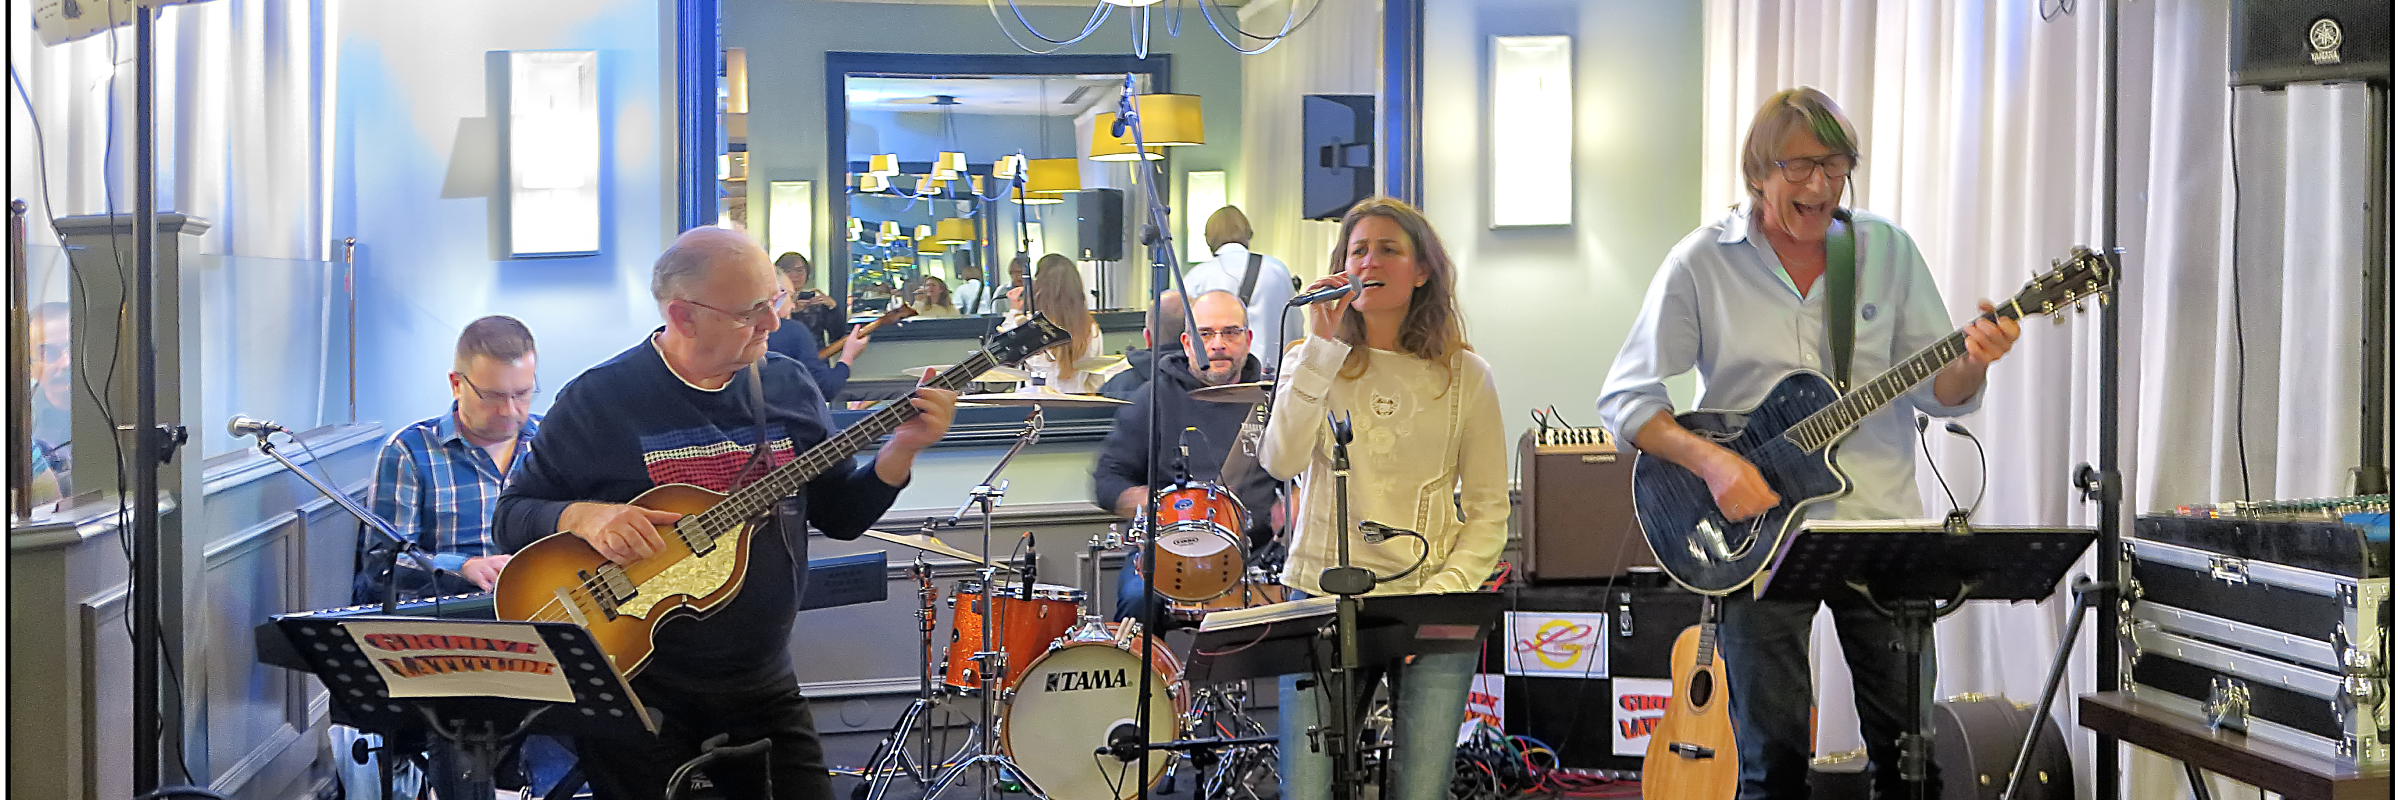 GROOVE LATITUDE, groupe de musique Rock en représentation à Côte d'Or - photo de couverture n° 5